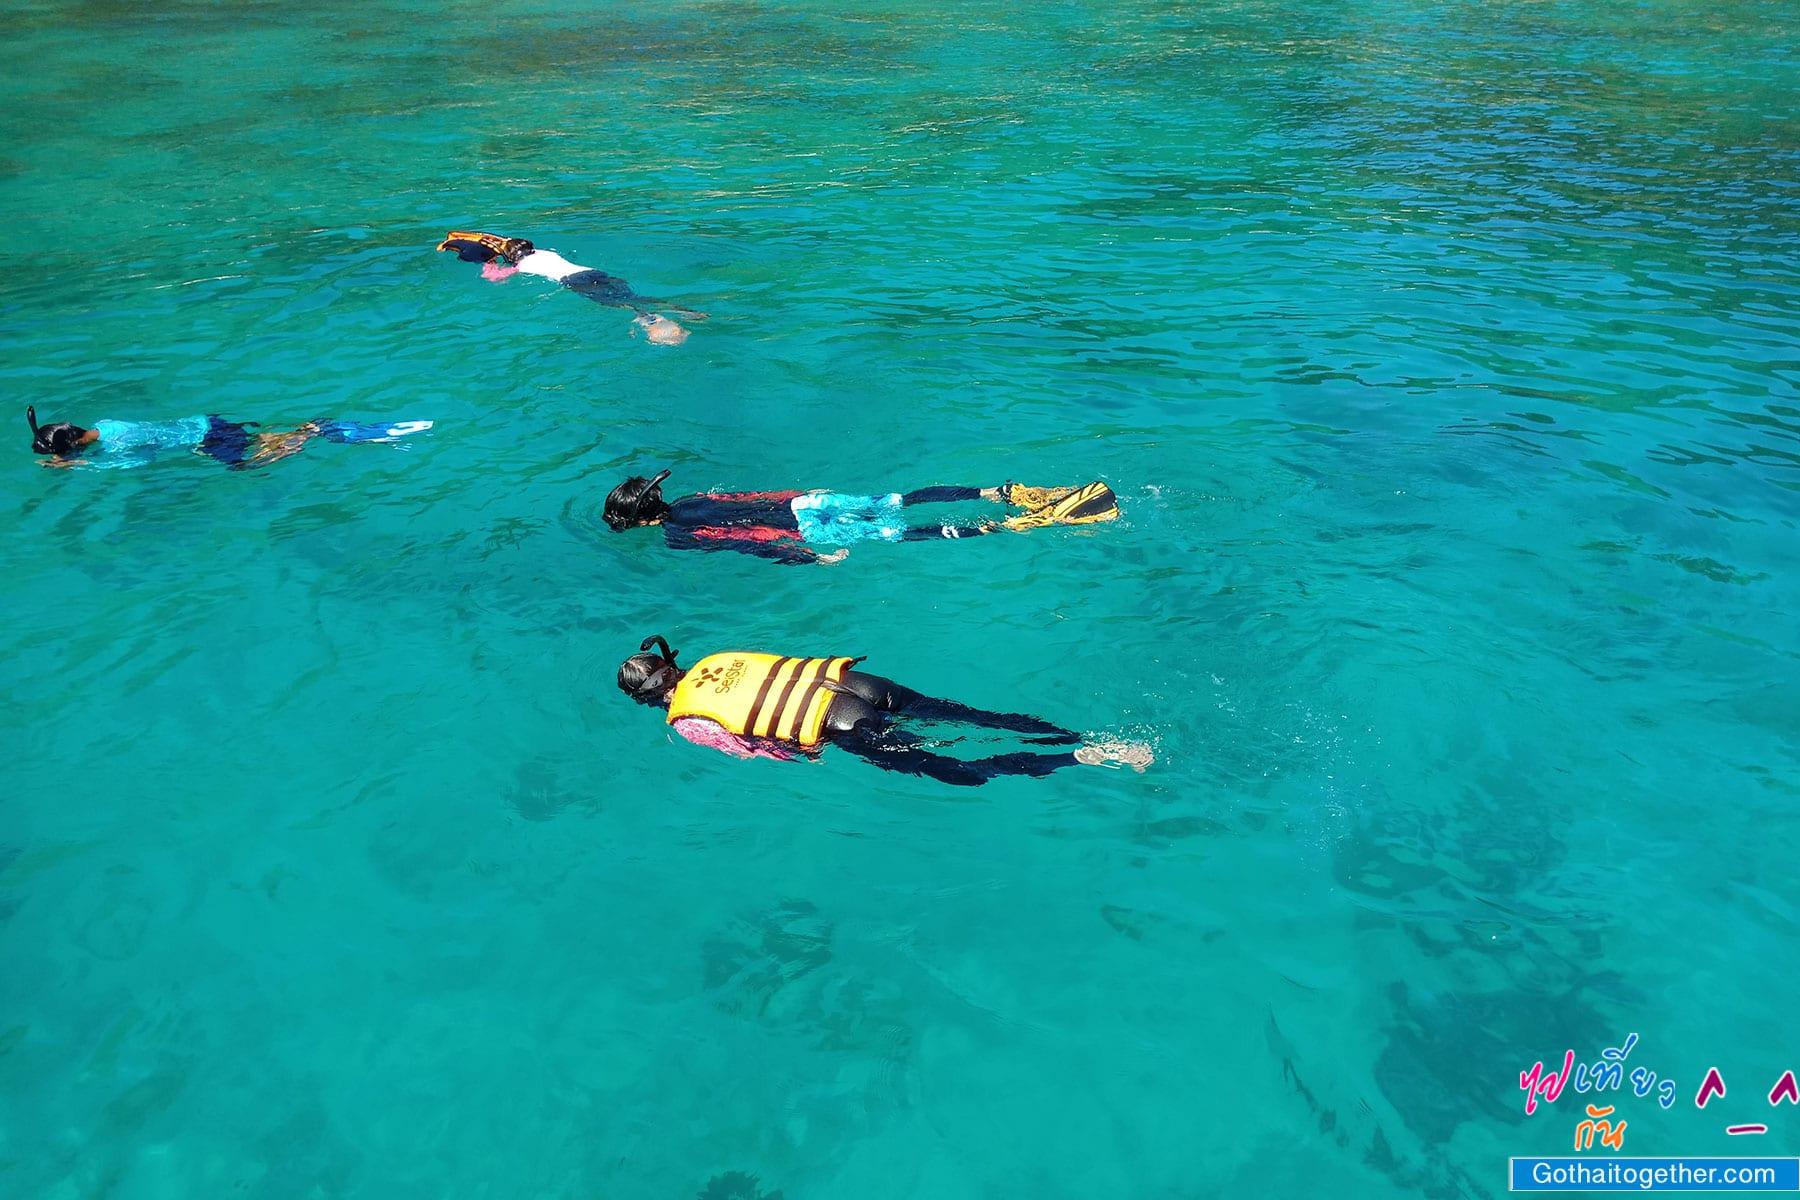 เกาะบรูเออร์ โลกใต้ทะเล สดใหม่ อันสวยงาม สายดำน้ำควรต้องมาเช็คอิน 37